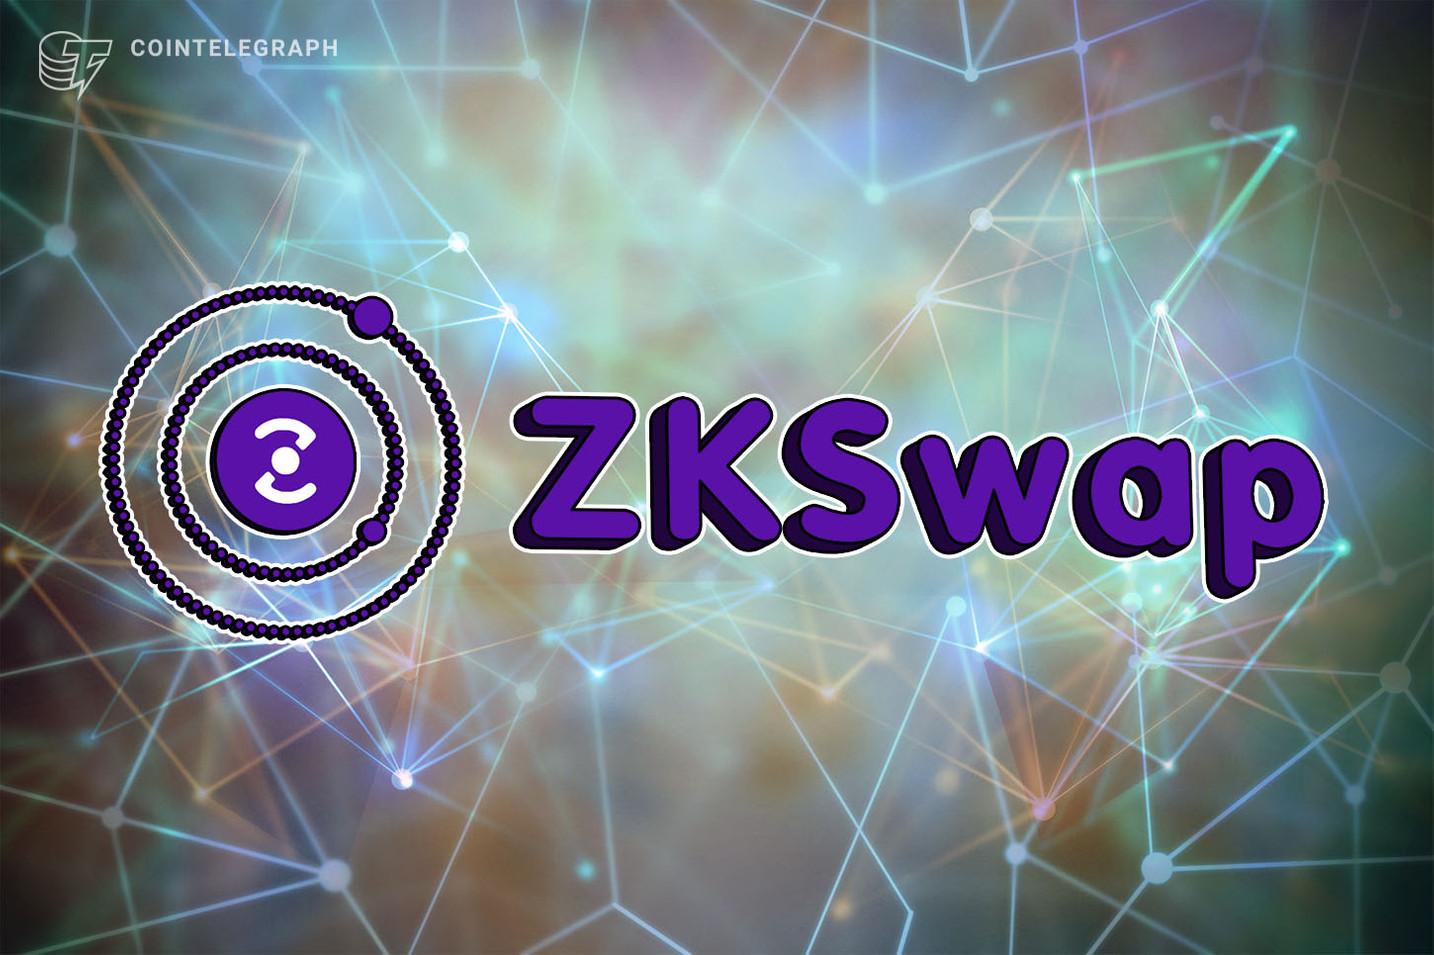 ZKSwap enables cross-chain token swaps across Ethereum, BSC, OKChain and HECO